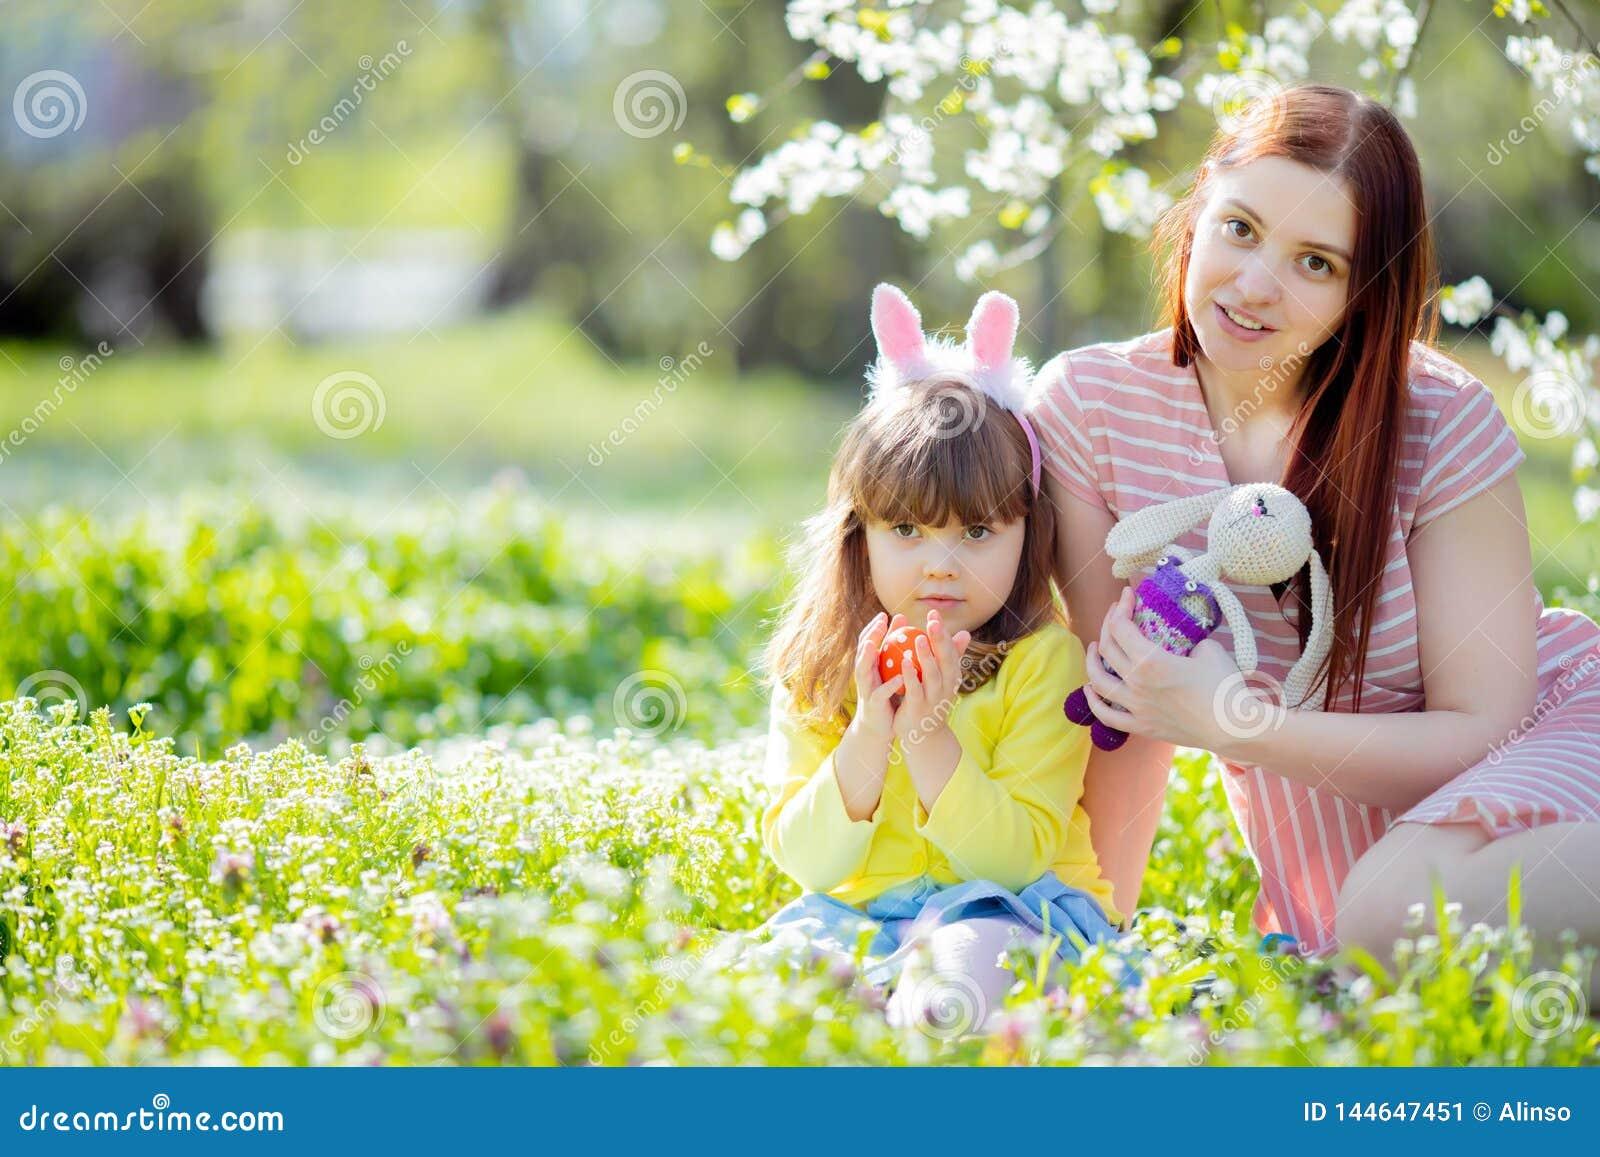 有卷发佩带的兔宝宝耳朵和夏天礼服的逗人喜爱的女孩获得与她的年轻母亲的乐趣,放松在庭院